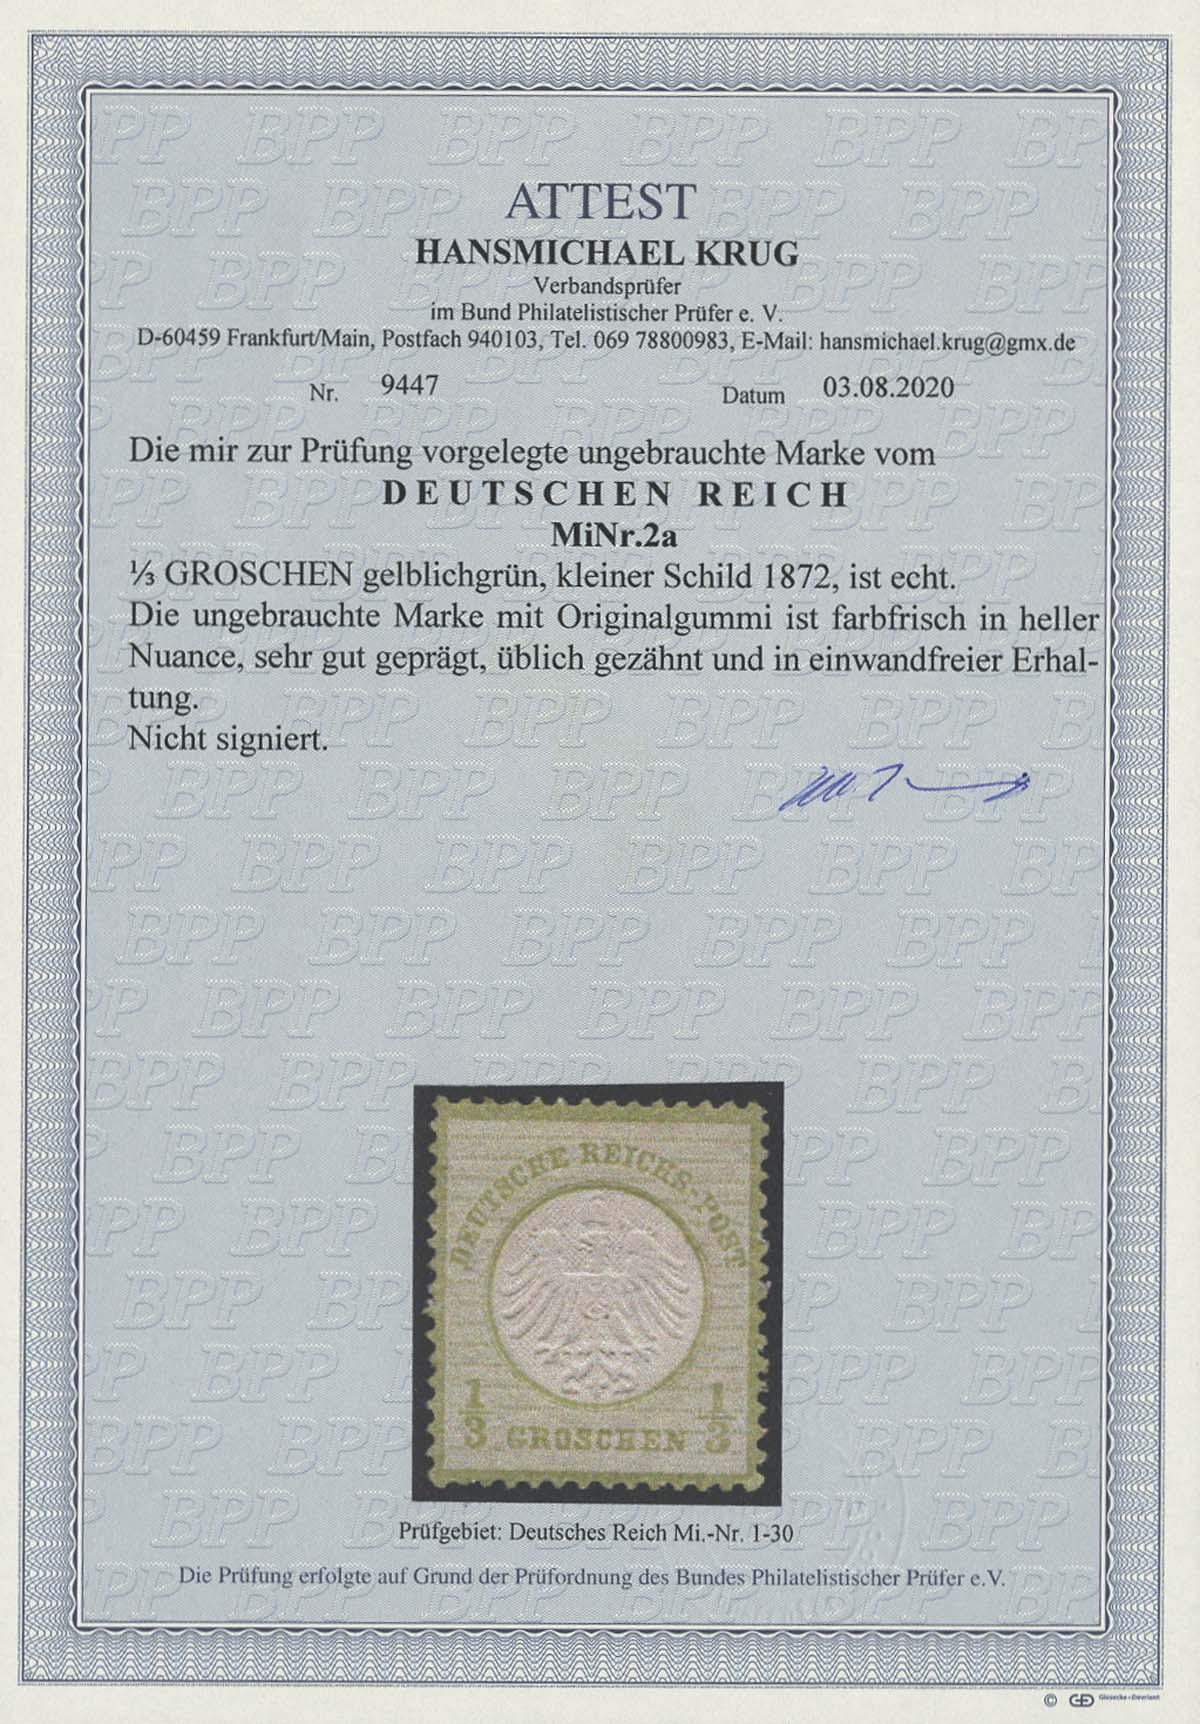 Lot 4191 - Deutsches Reich_Brustschilde  -  Auktionshaus Ulrich Felzmann GmbH & Co. KG Auction 170 International Autumn Auction 2020 Day 4